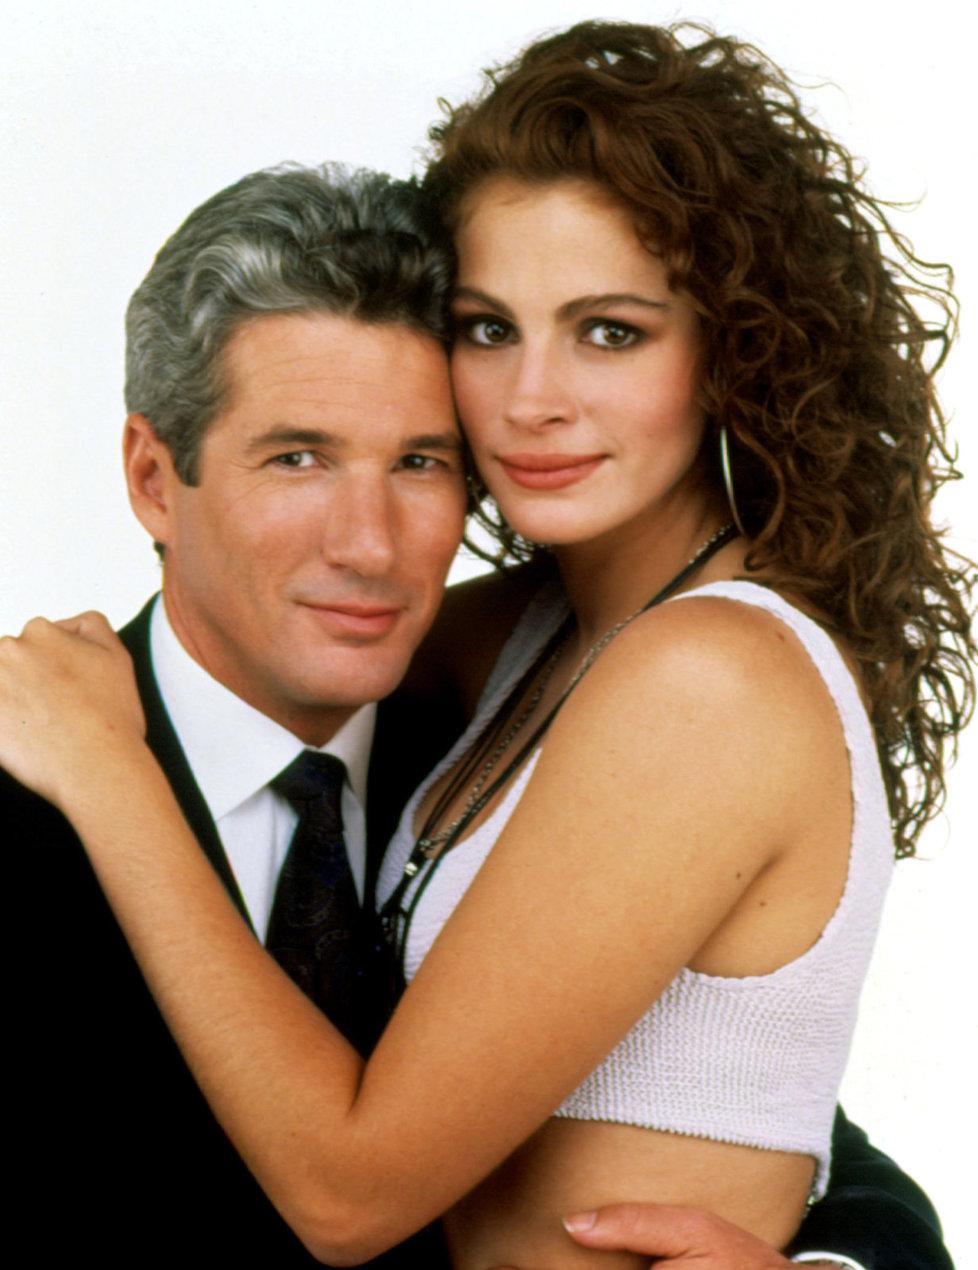 Místo romantické komedie měl být film Pretty Woman vážným dramatem.